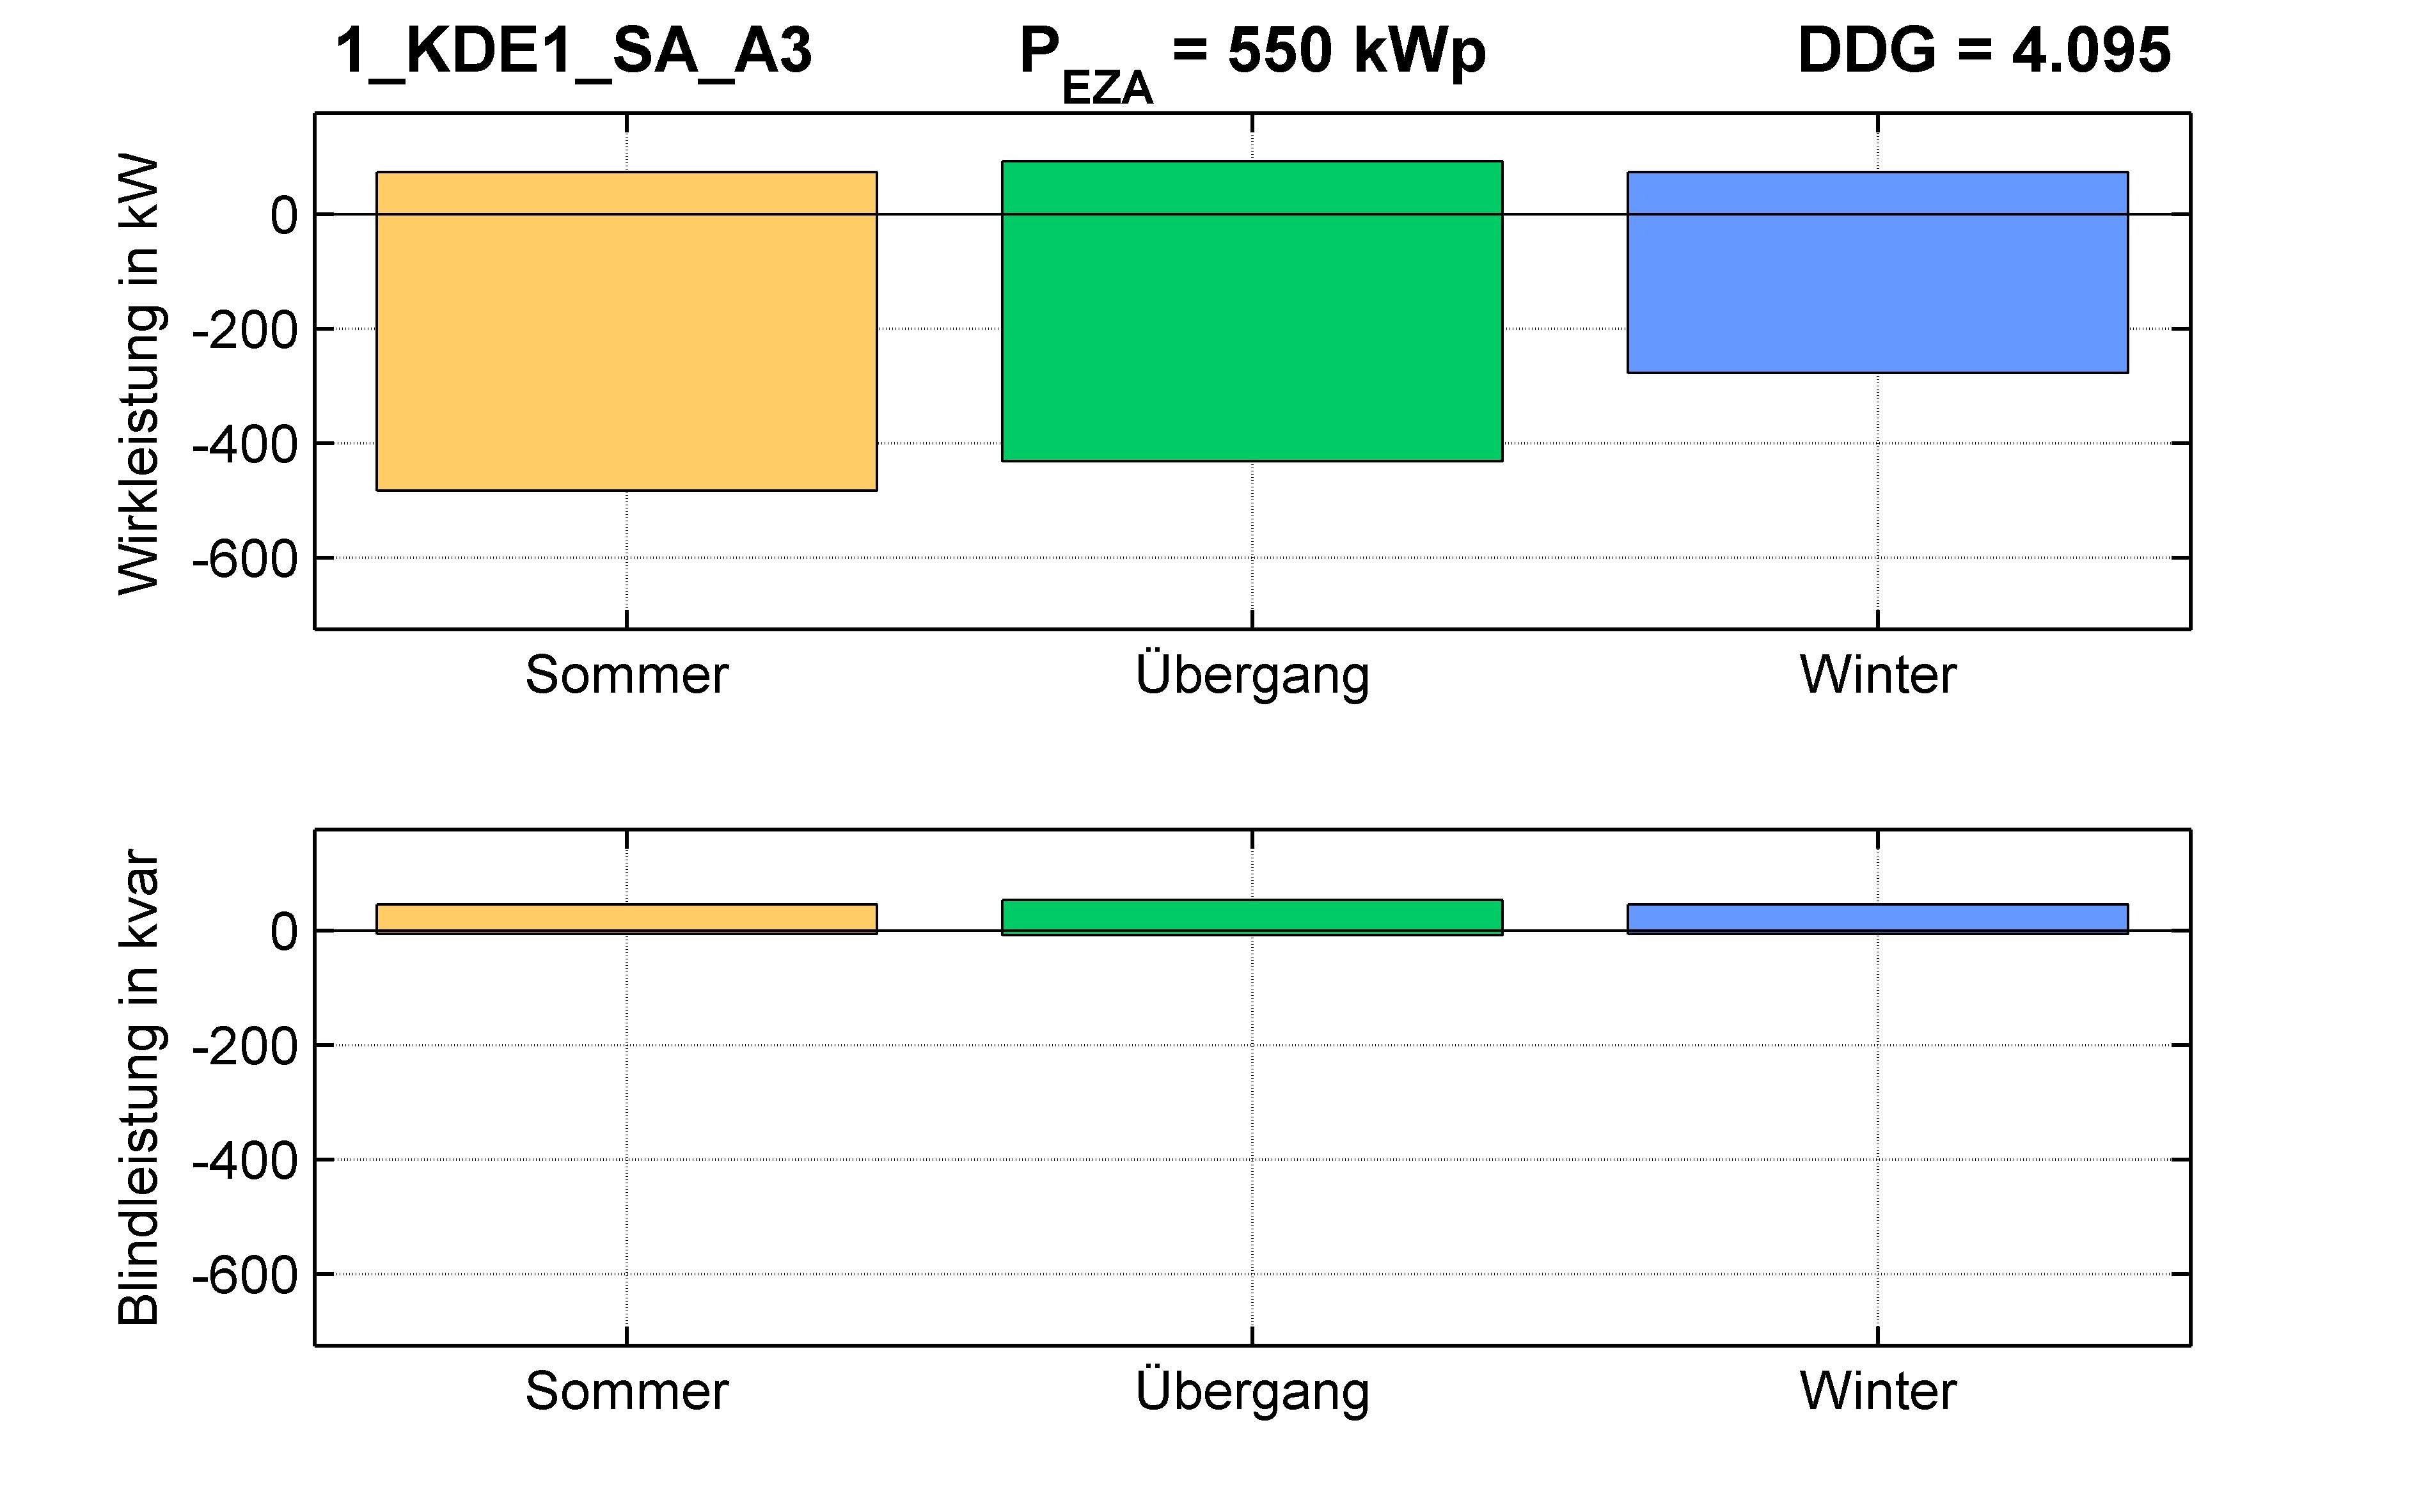 KDE1 | KABEL (SA) A3 | PQ-Bilanz